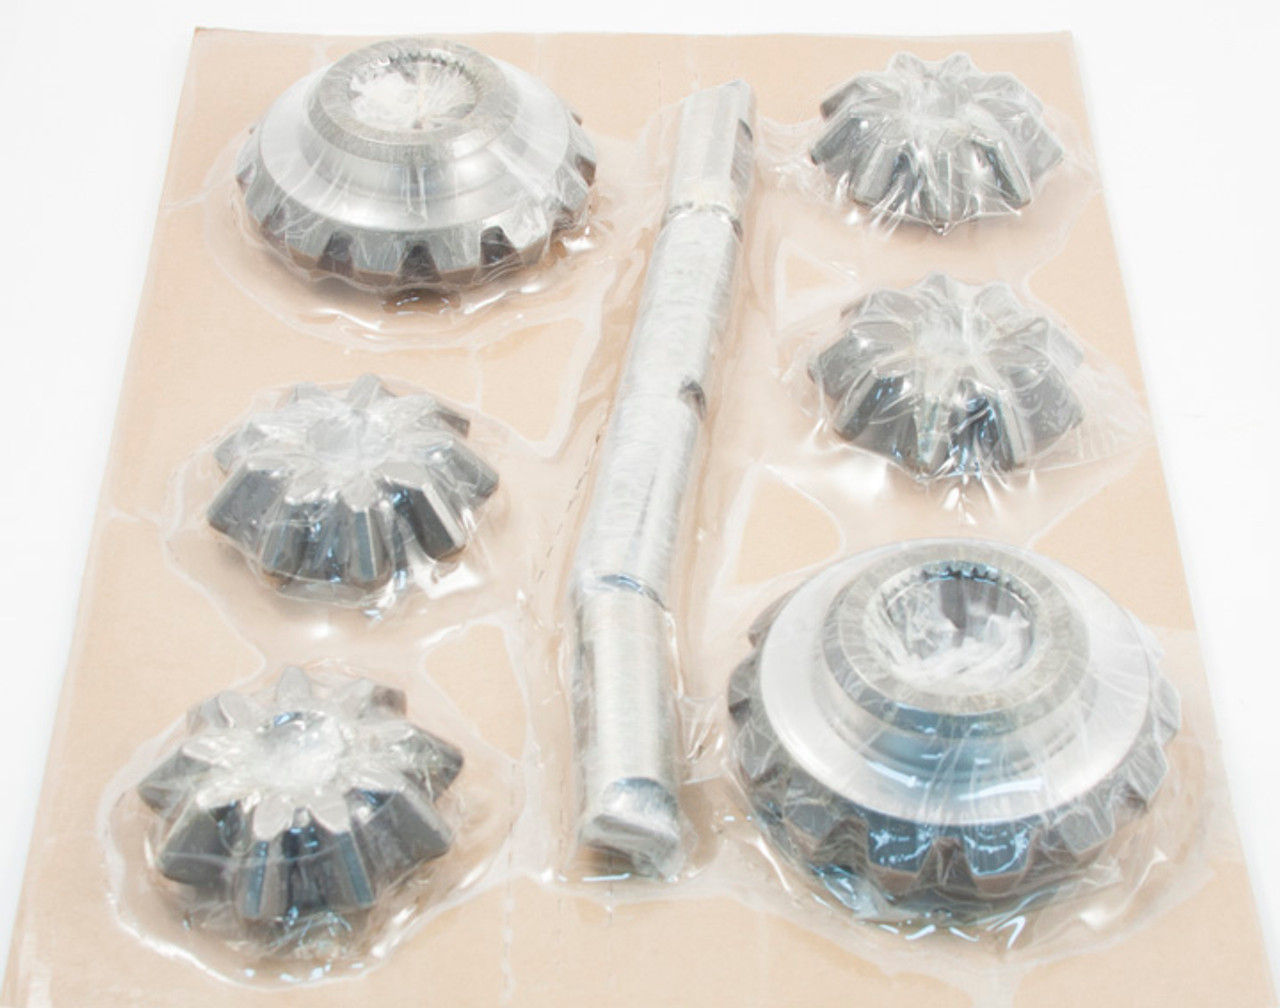 KIT2310F Freightliner Mercedes Alliance Diff Internal Nest Kit 41 Spline